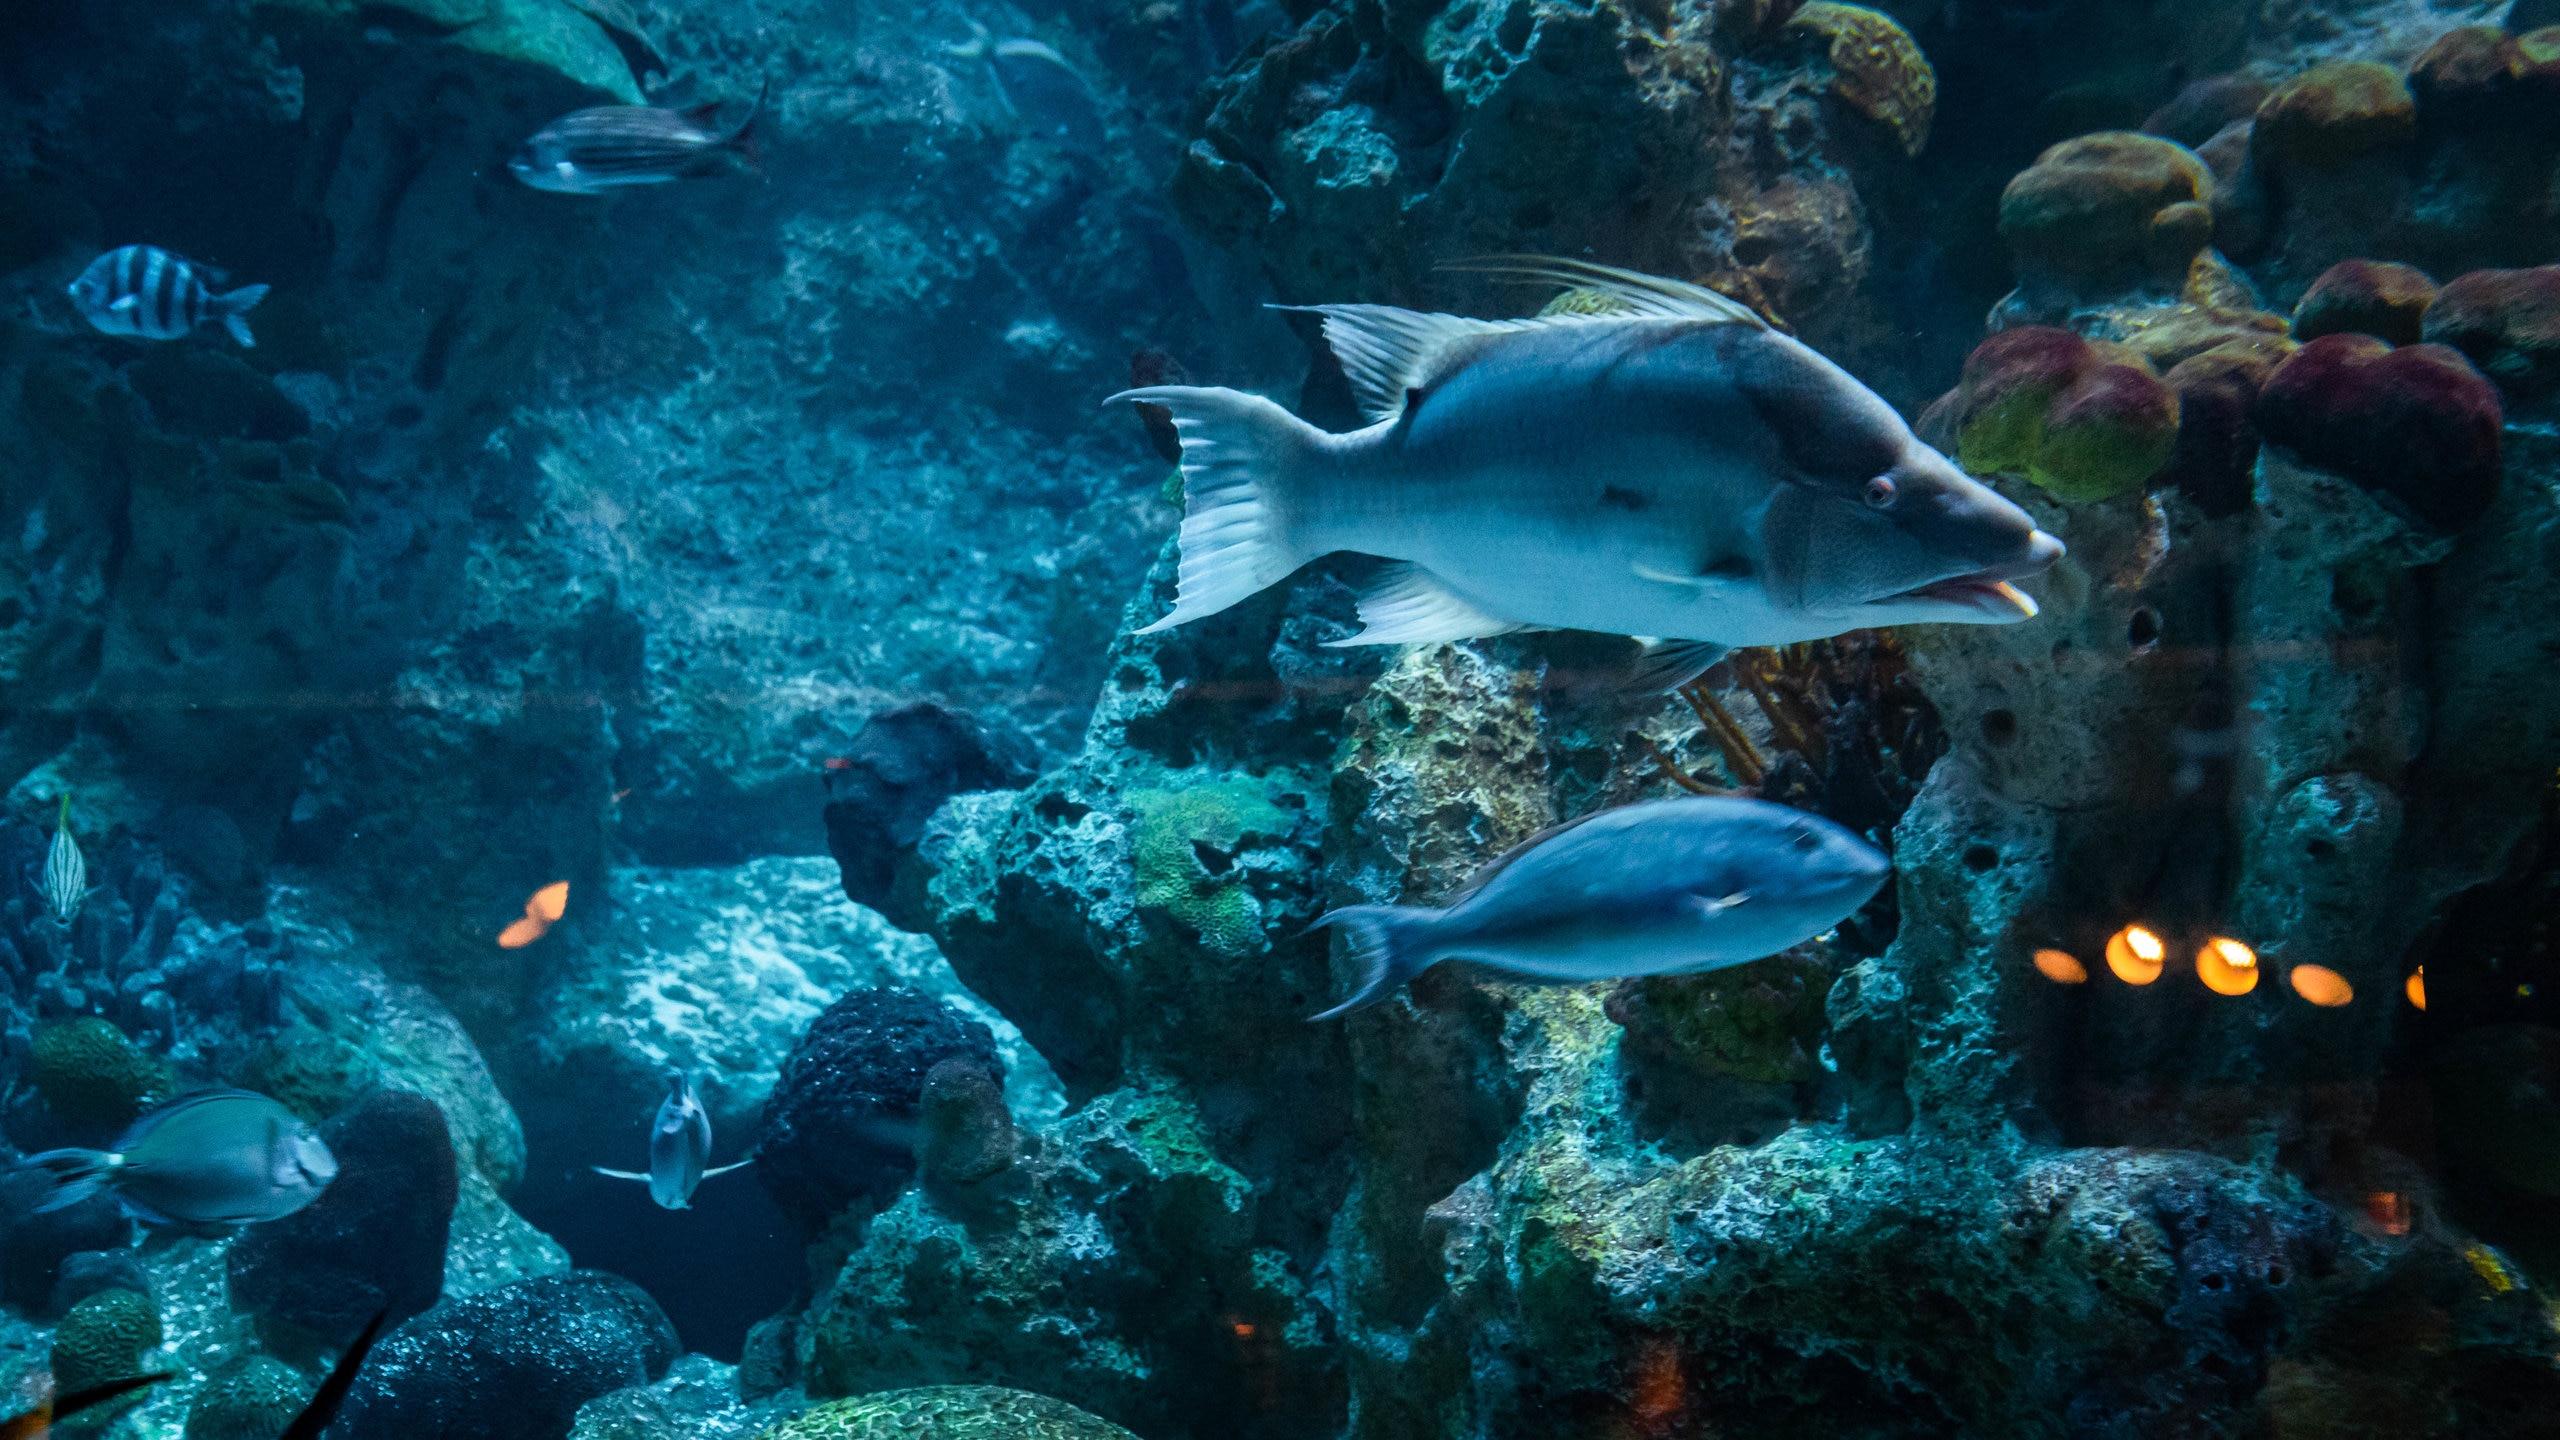 De leões marinhos a tubarões, este aquário moderno na orla de Boston traz o mundo oceânico para a palma das suas mãos.